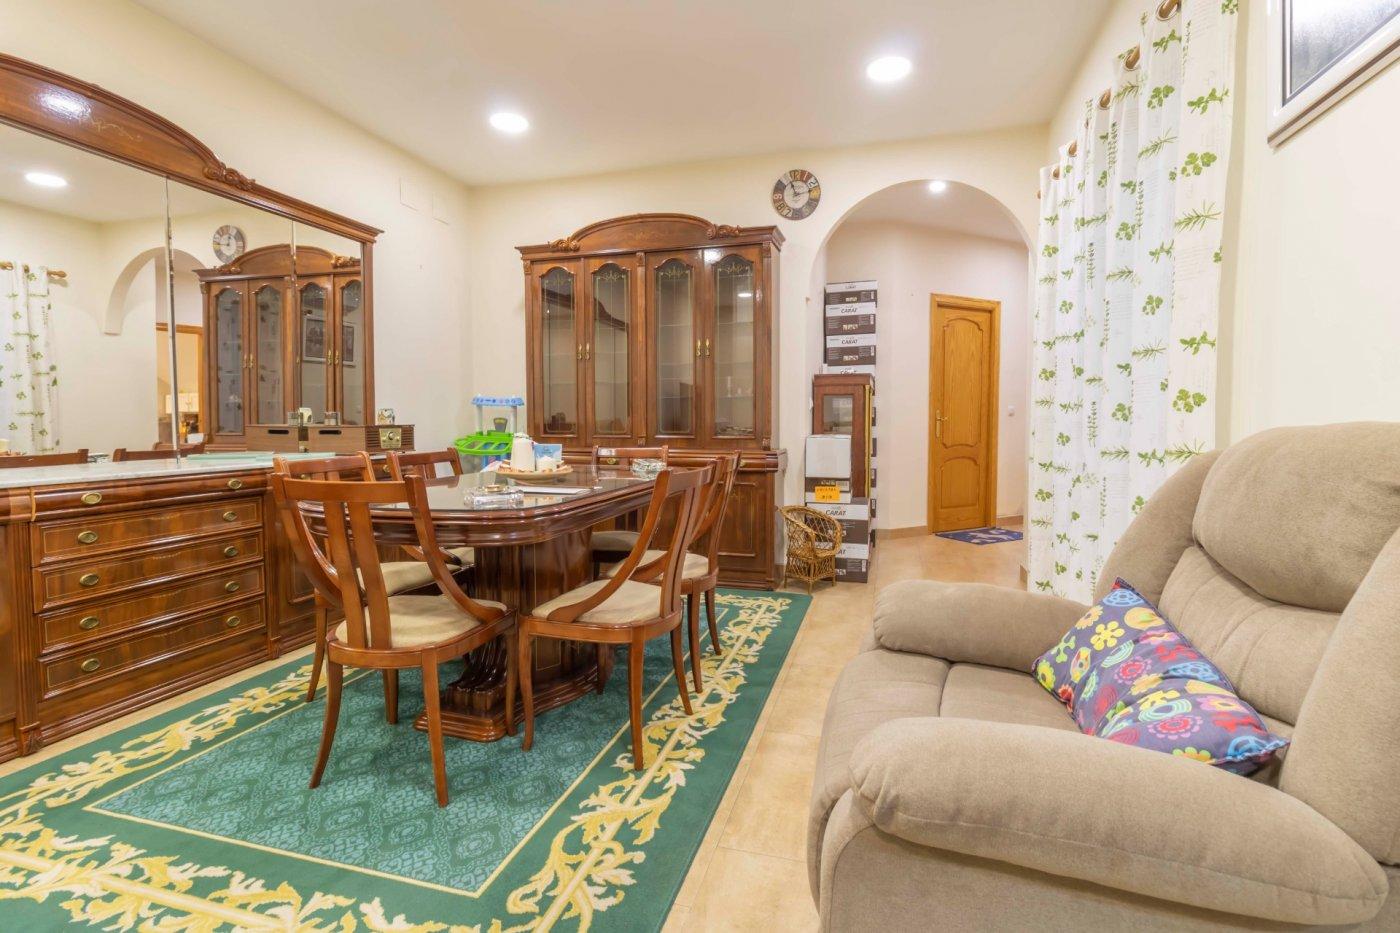 Casa a la venta en zona padre pÍo - imagenInmueble2